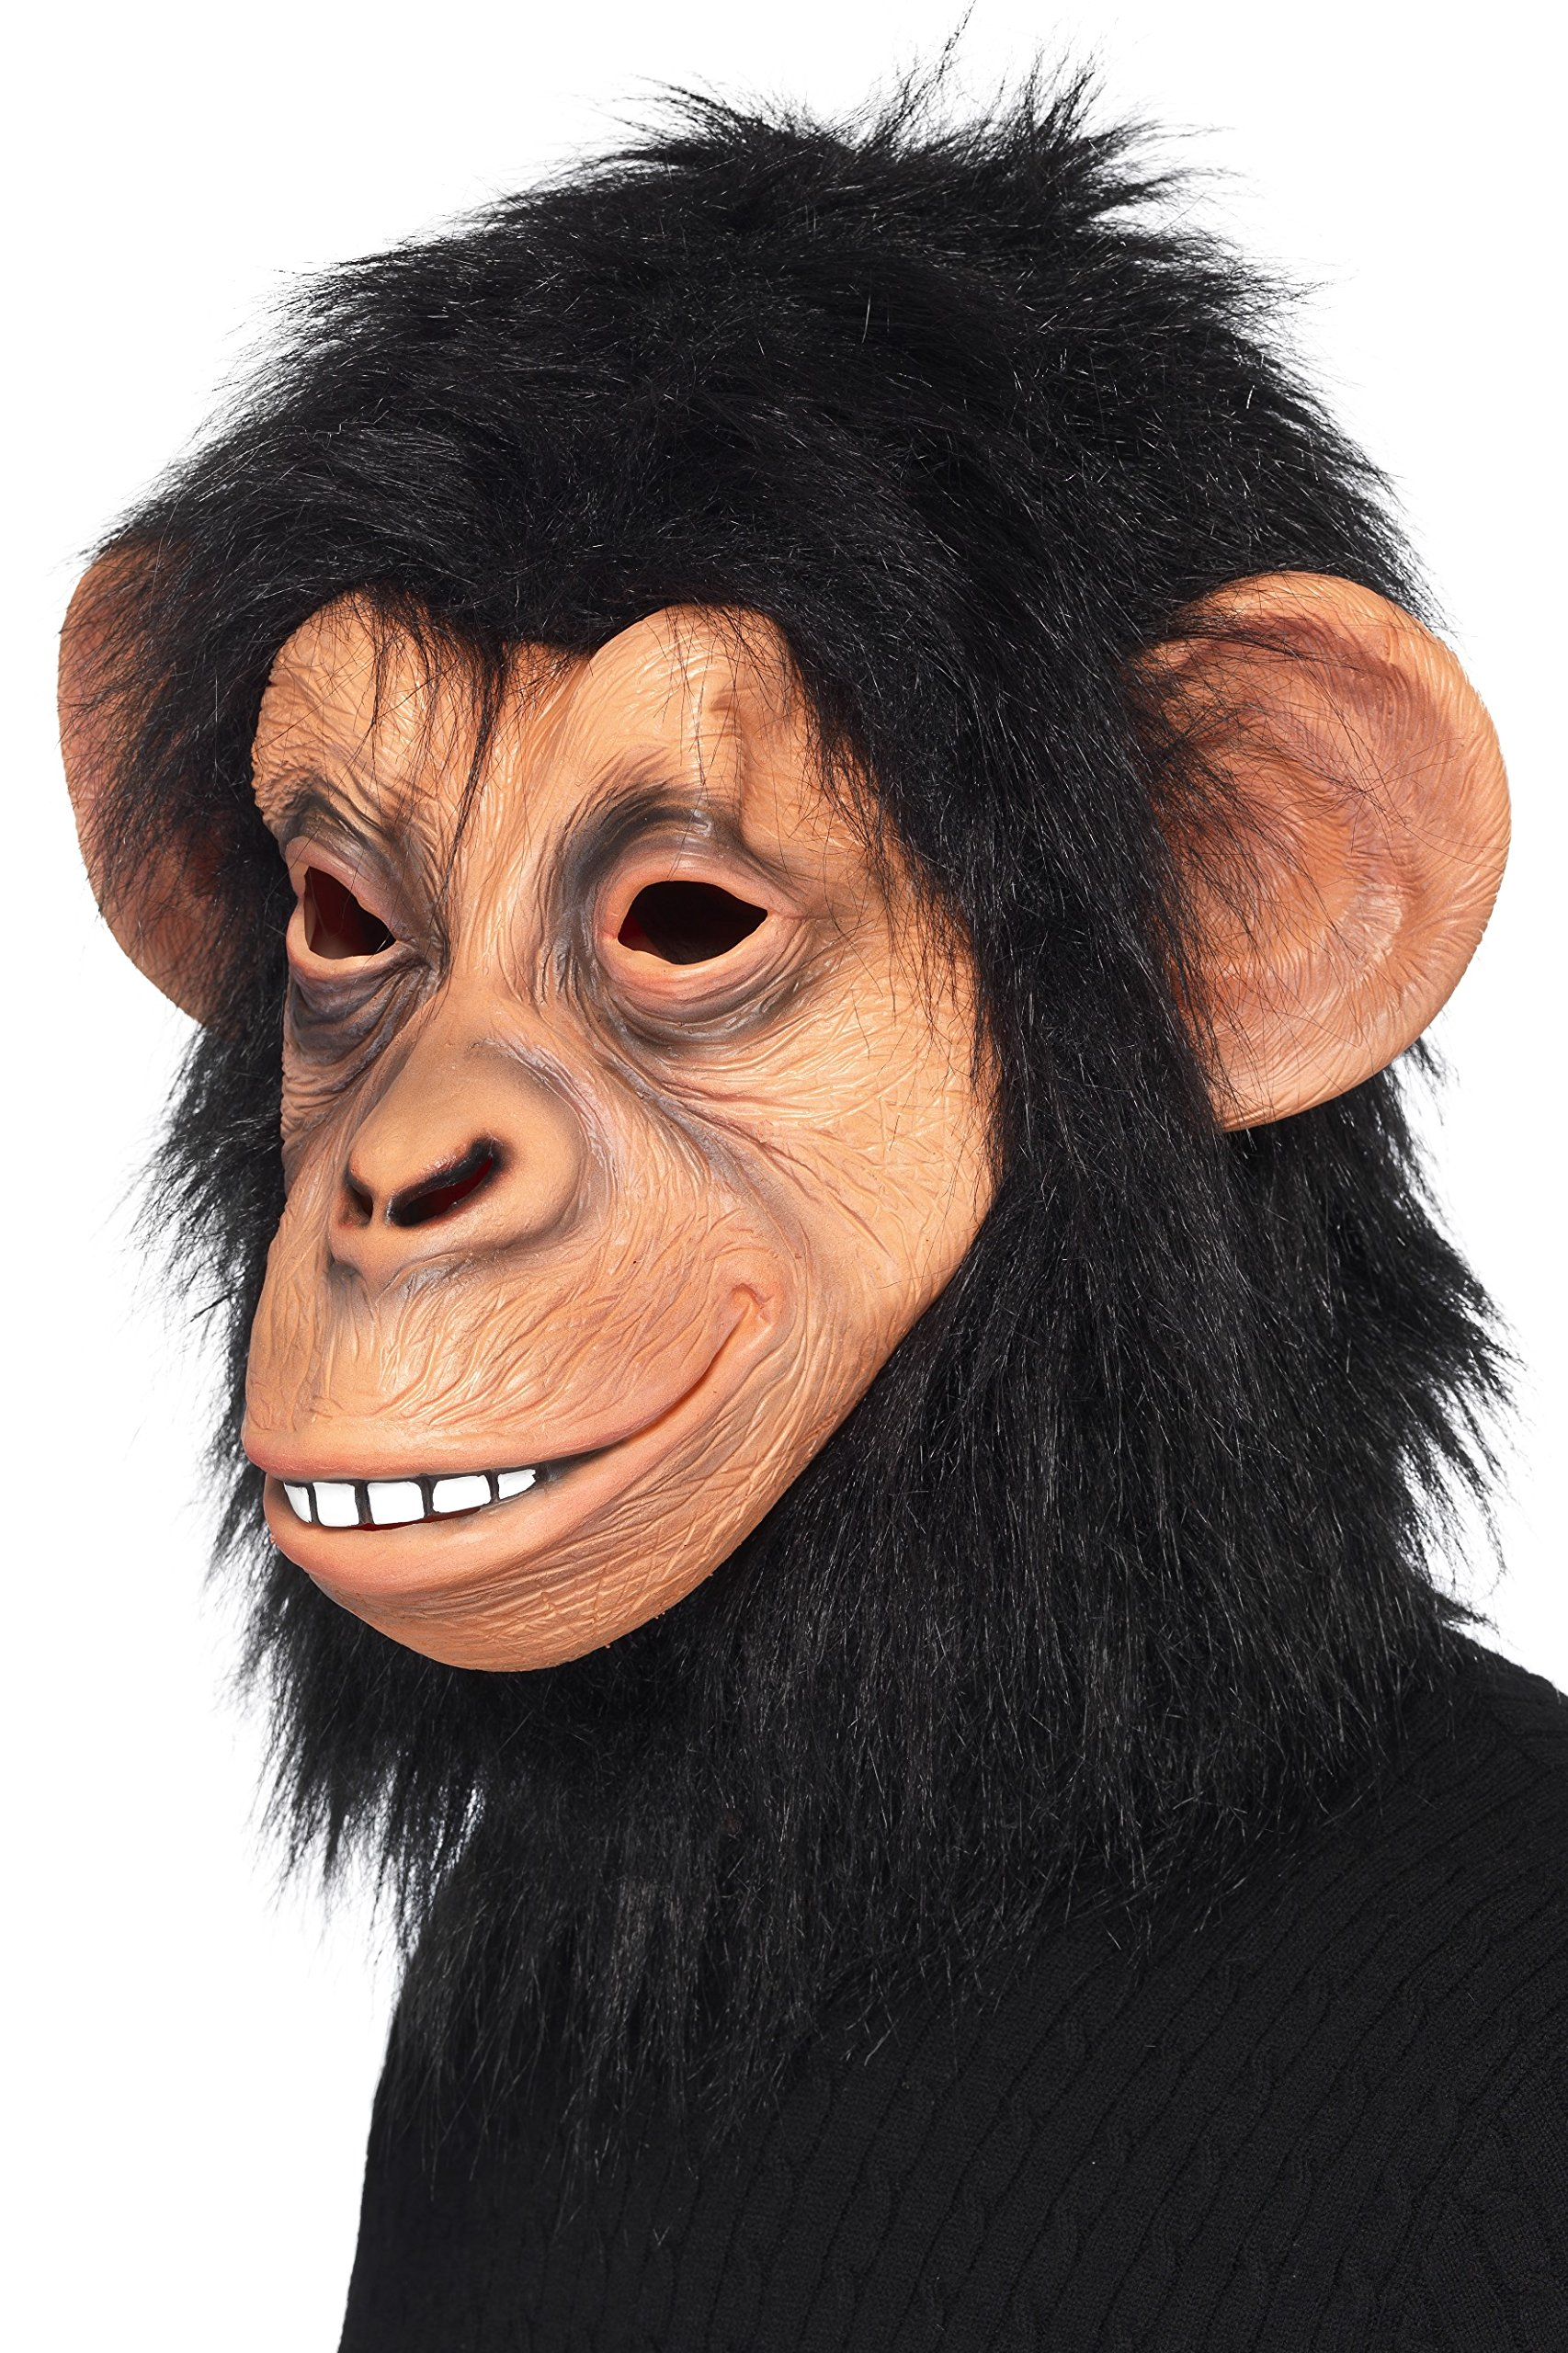 Smiffys 39507 Déguisement Adulte Masque de Chimpanzé, Noir, Taille Unique product image